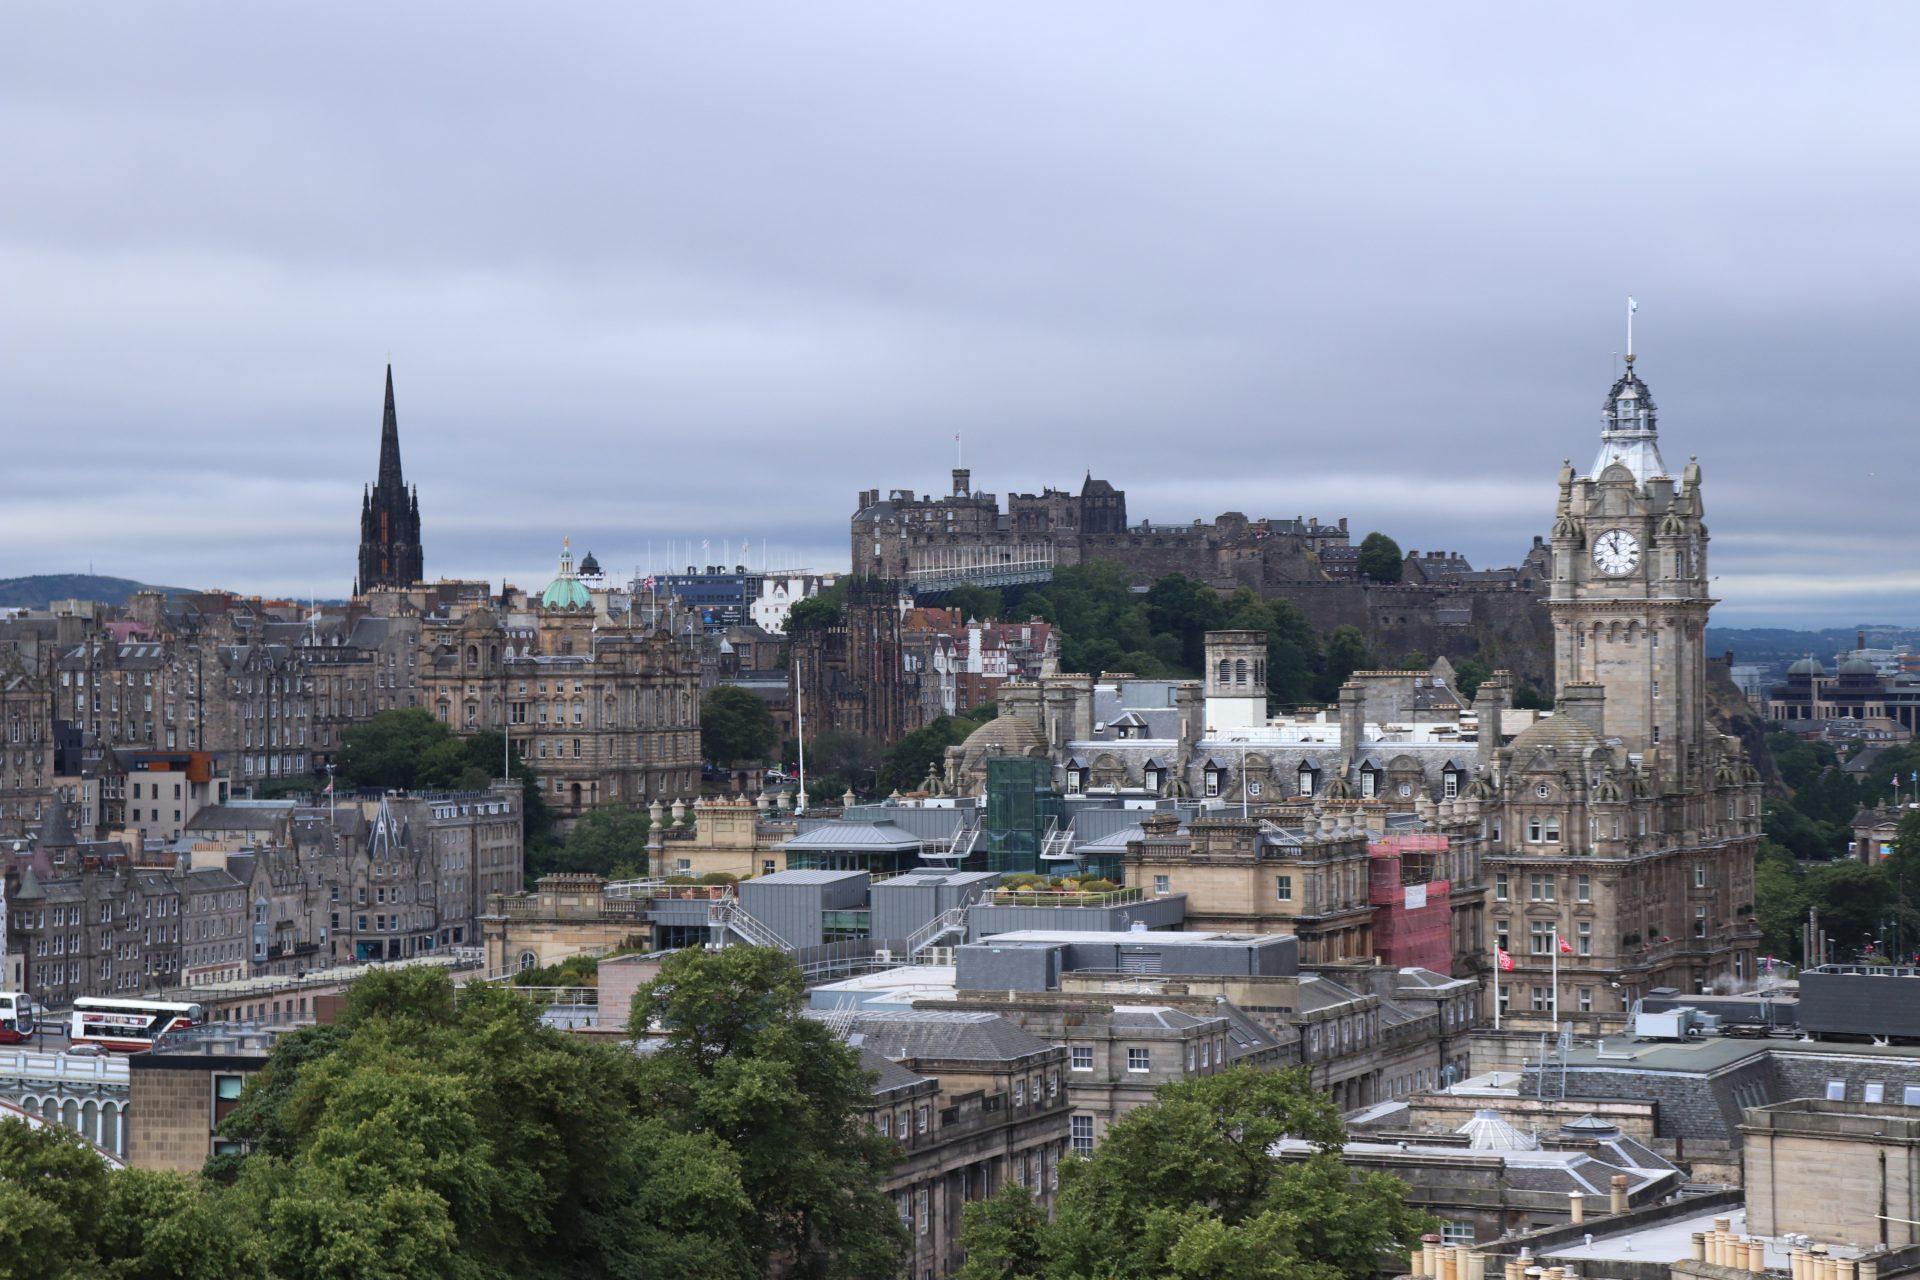 Edinburgh vom Calton Hill aus gesehen